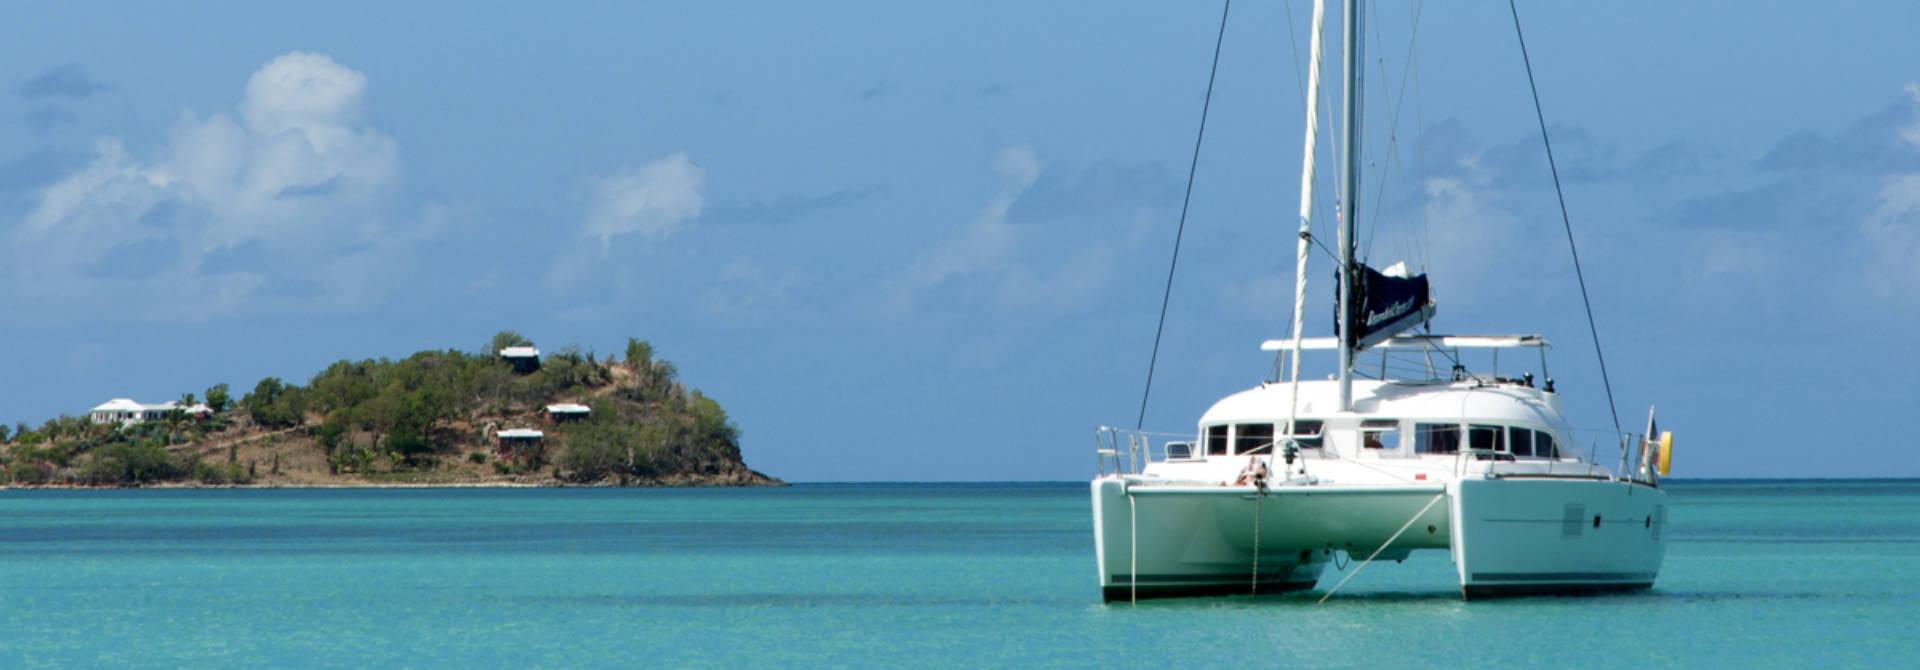 Barca o Catamarano? MTO Nautica Store